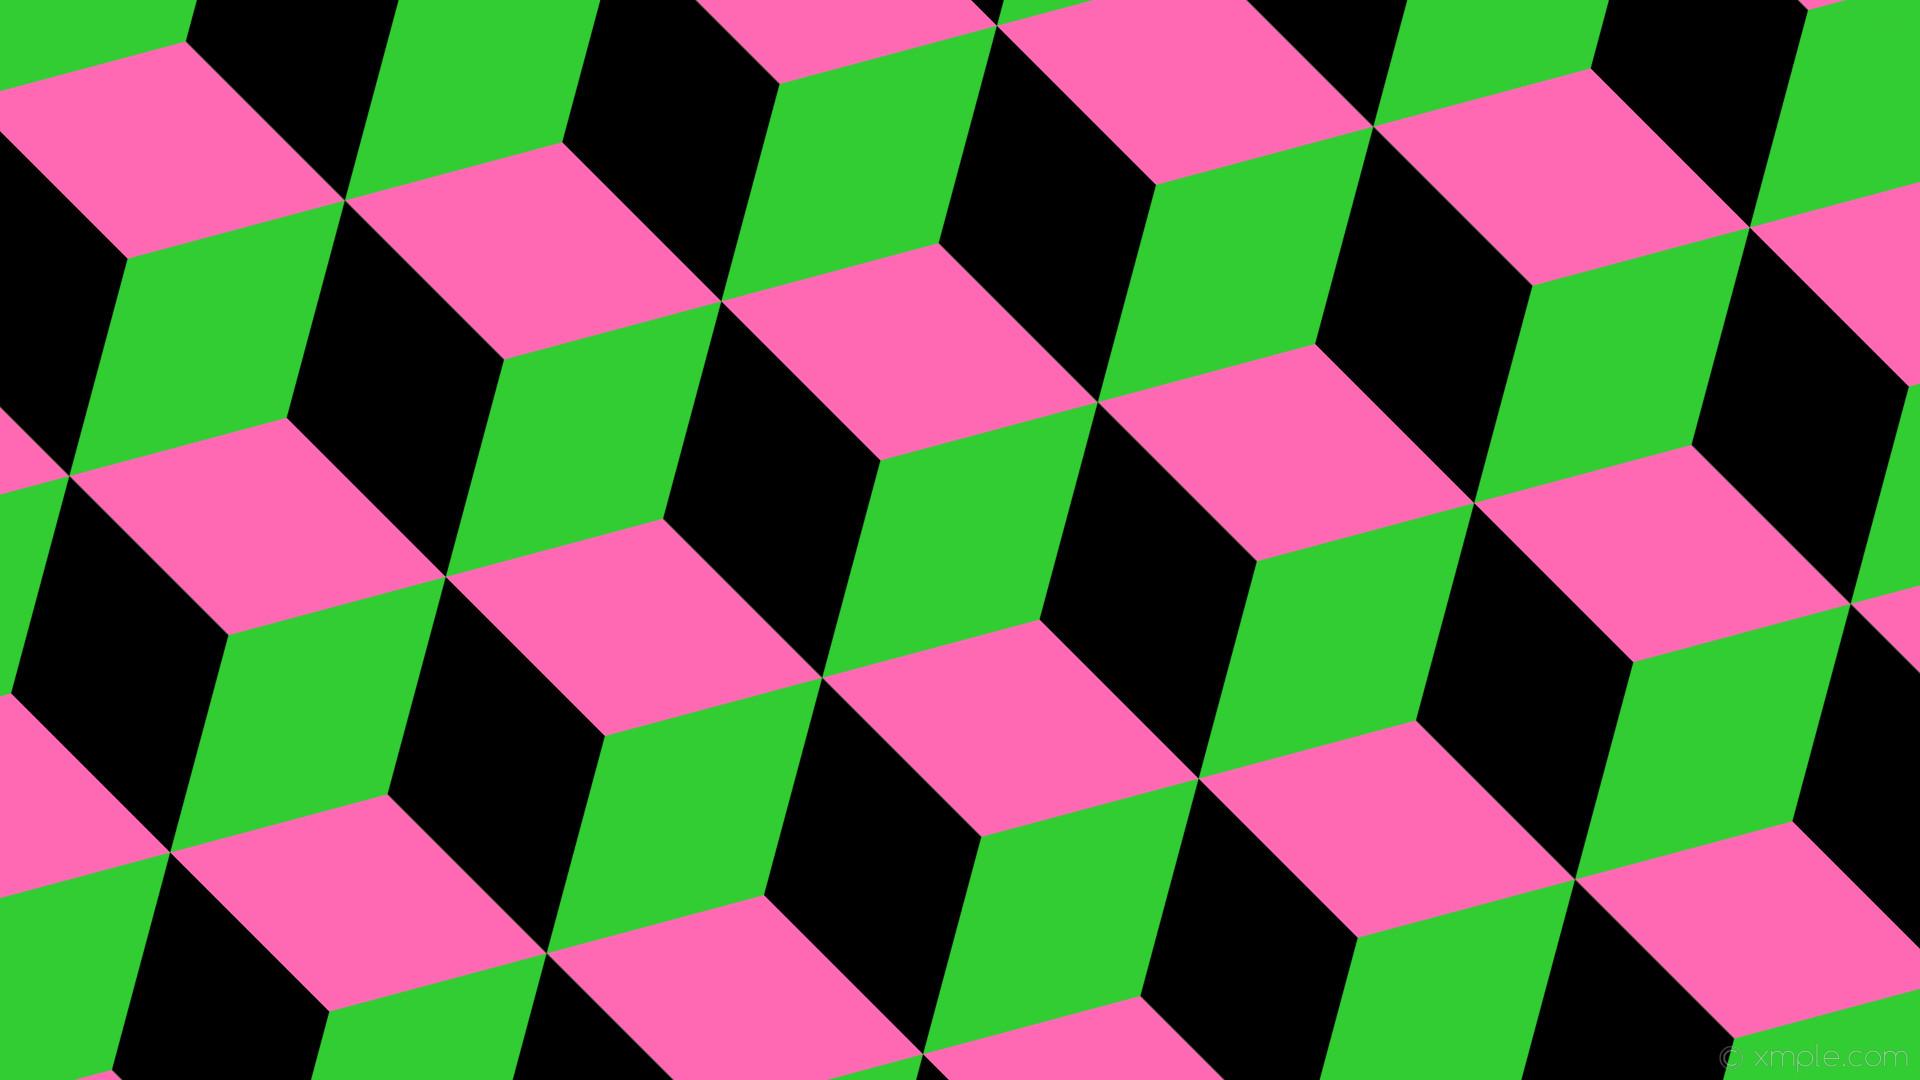 wallpaper green pink black 3d cubes lime green hot pink #32cd32 #ff69b4  #000000